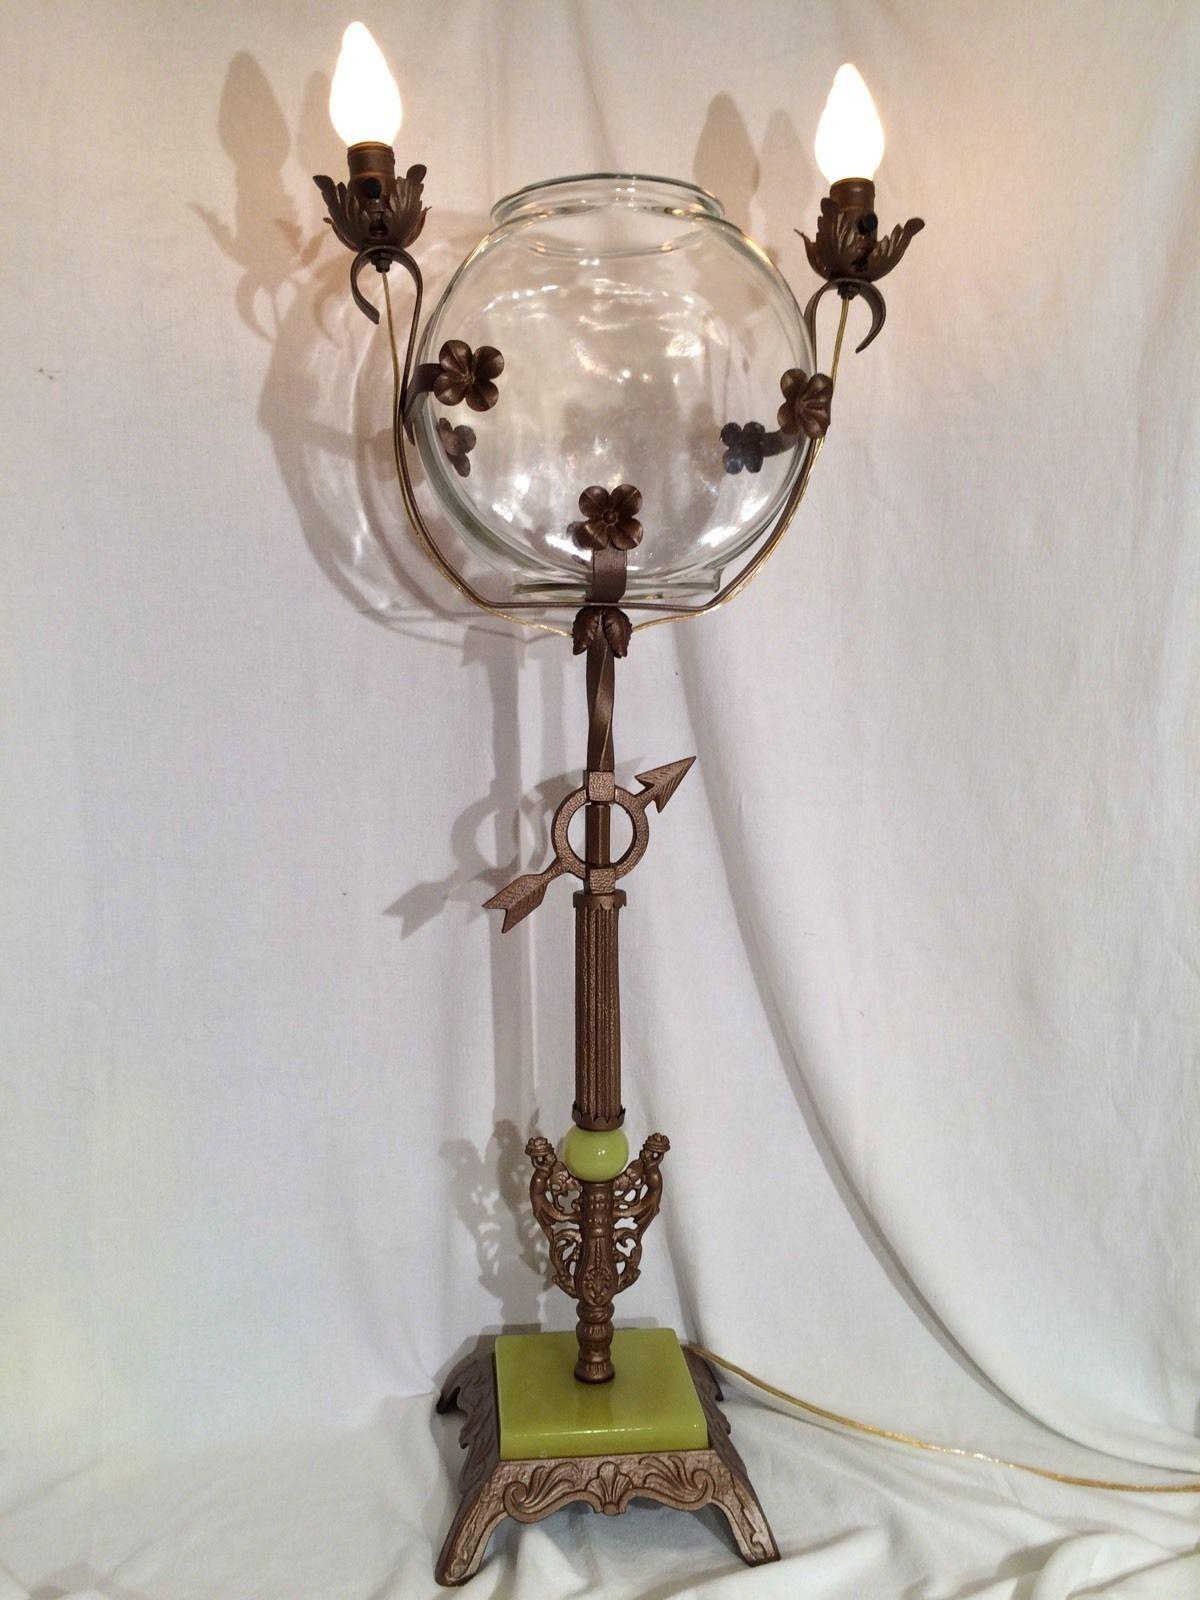 Rare Art Nouveau Antique 2 Light Fish Bowl Stand Floor